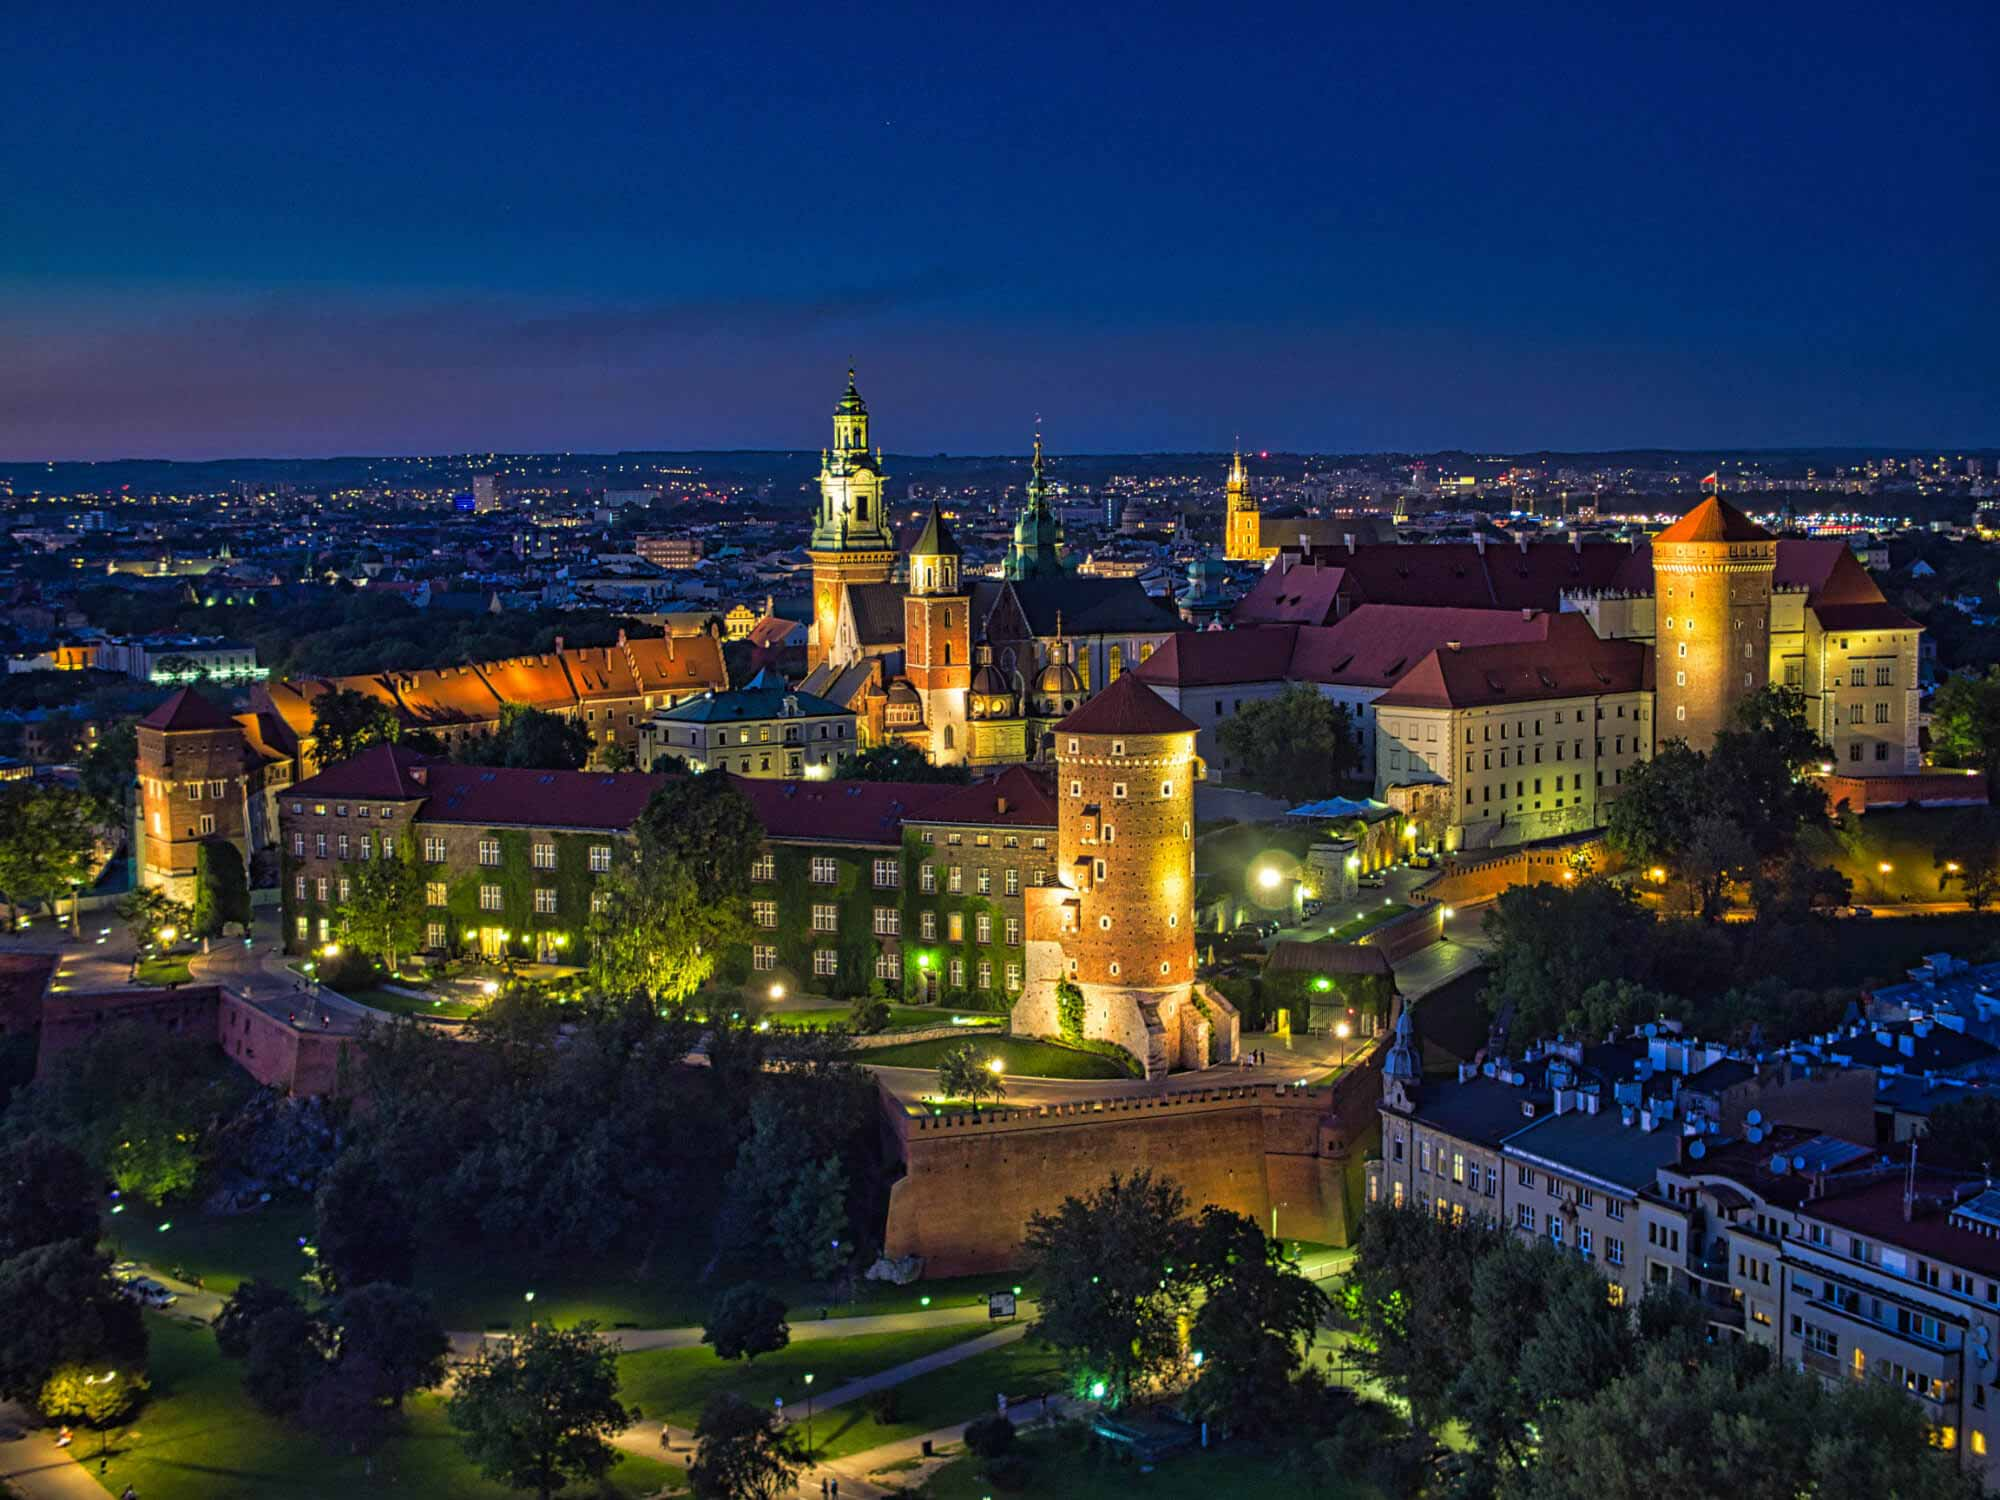 Wirtualny spacer Wawel z lotu ptaka